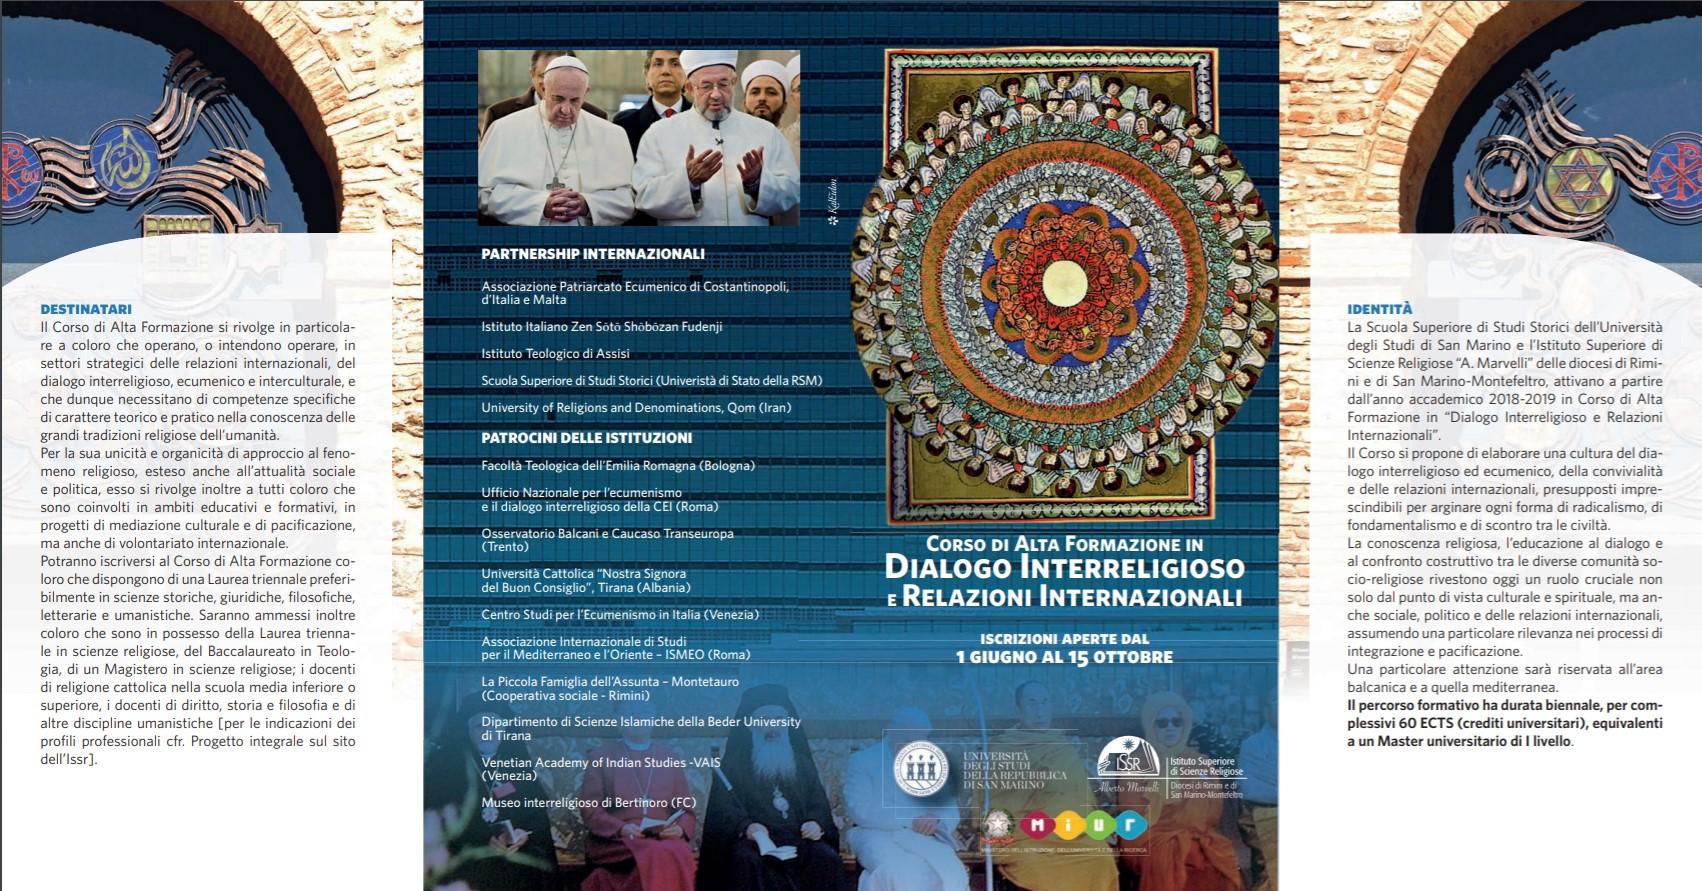 Rimini-broshura-1